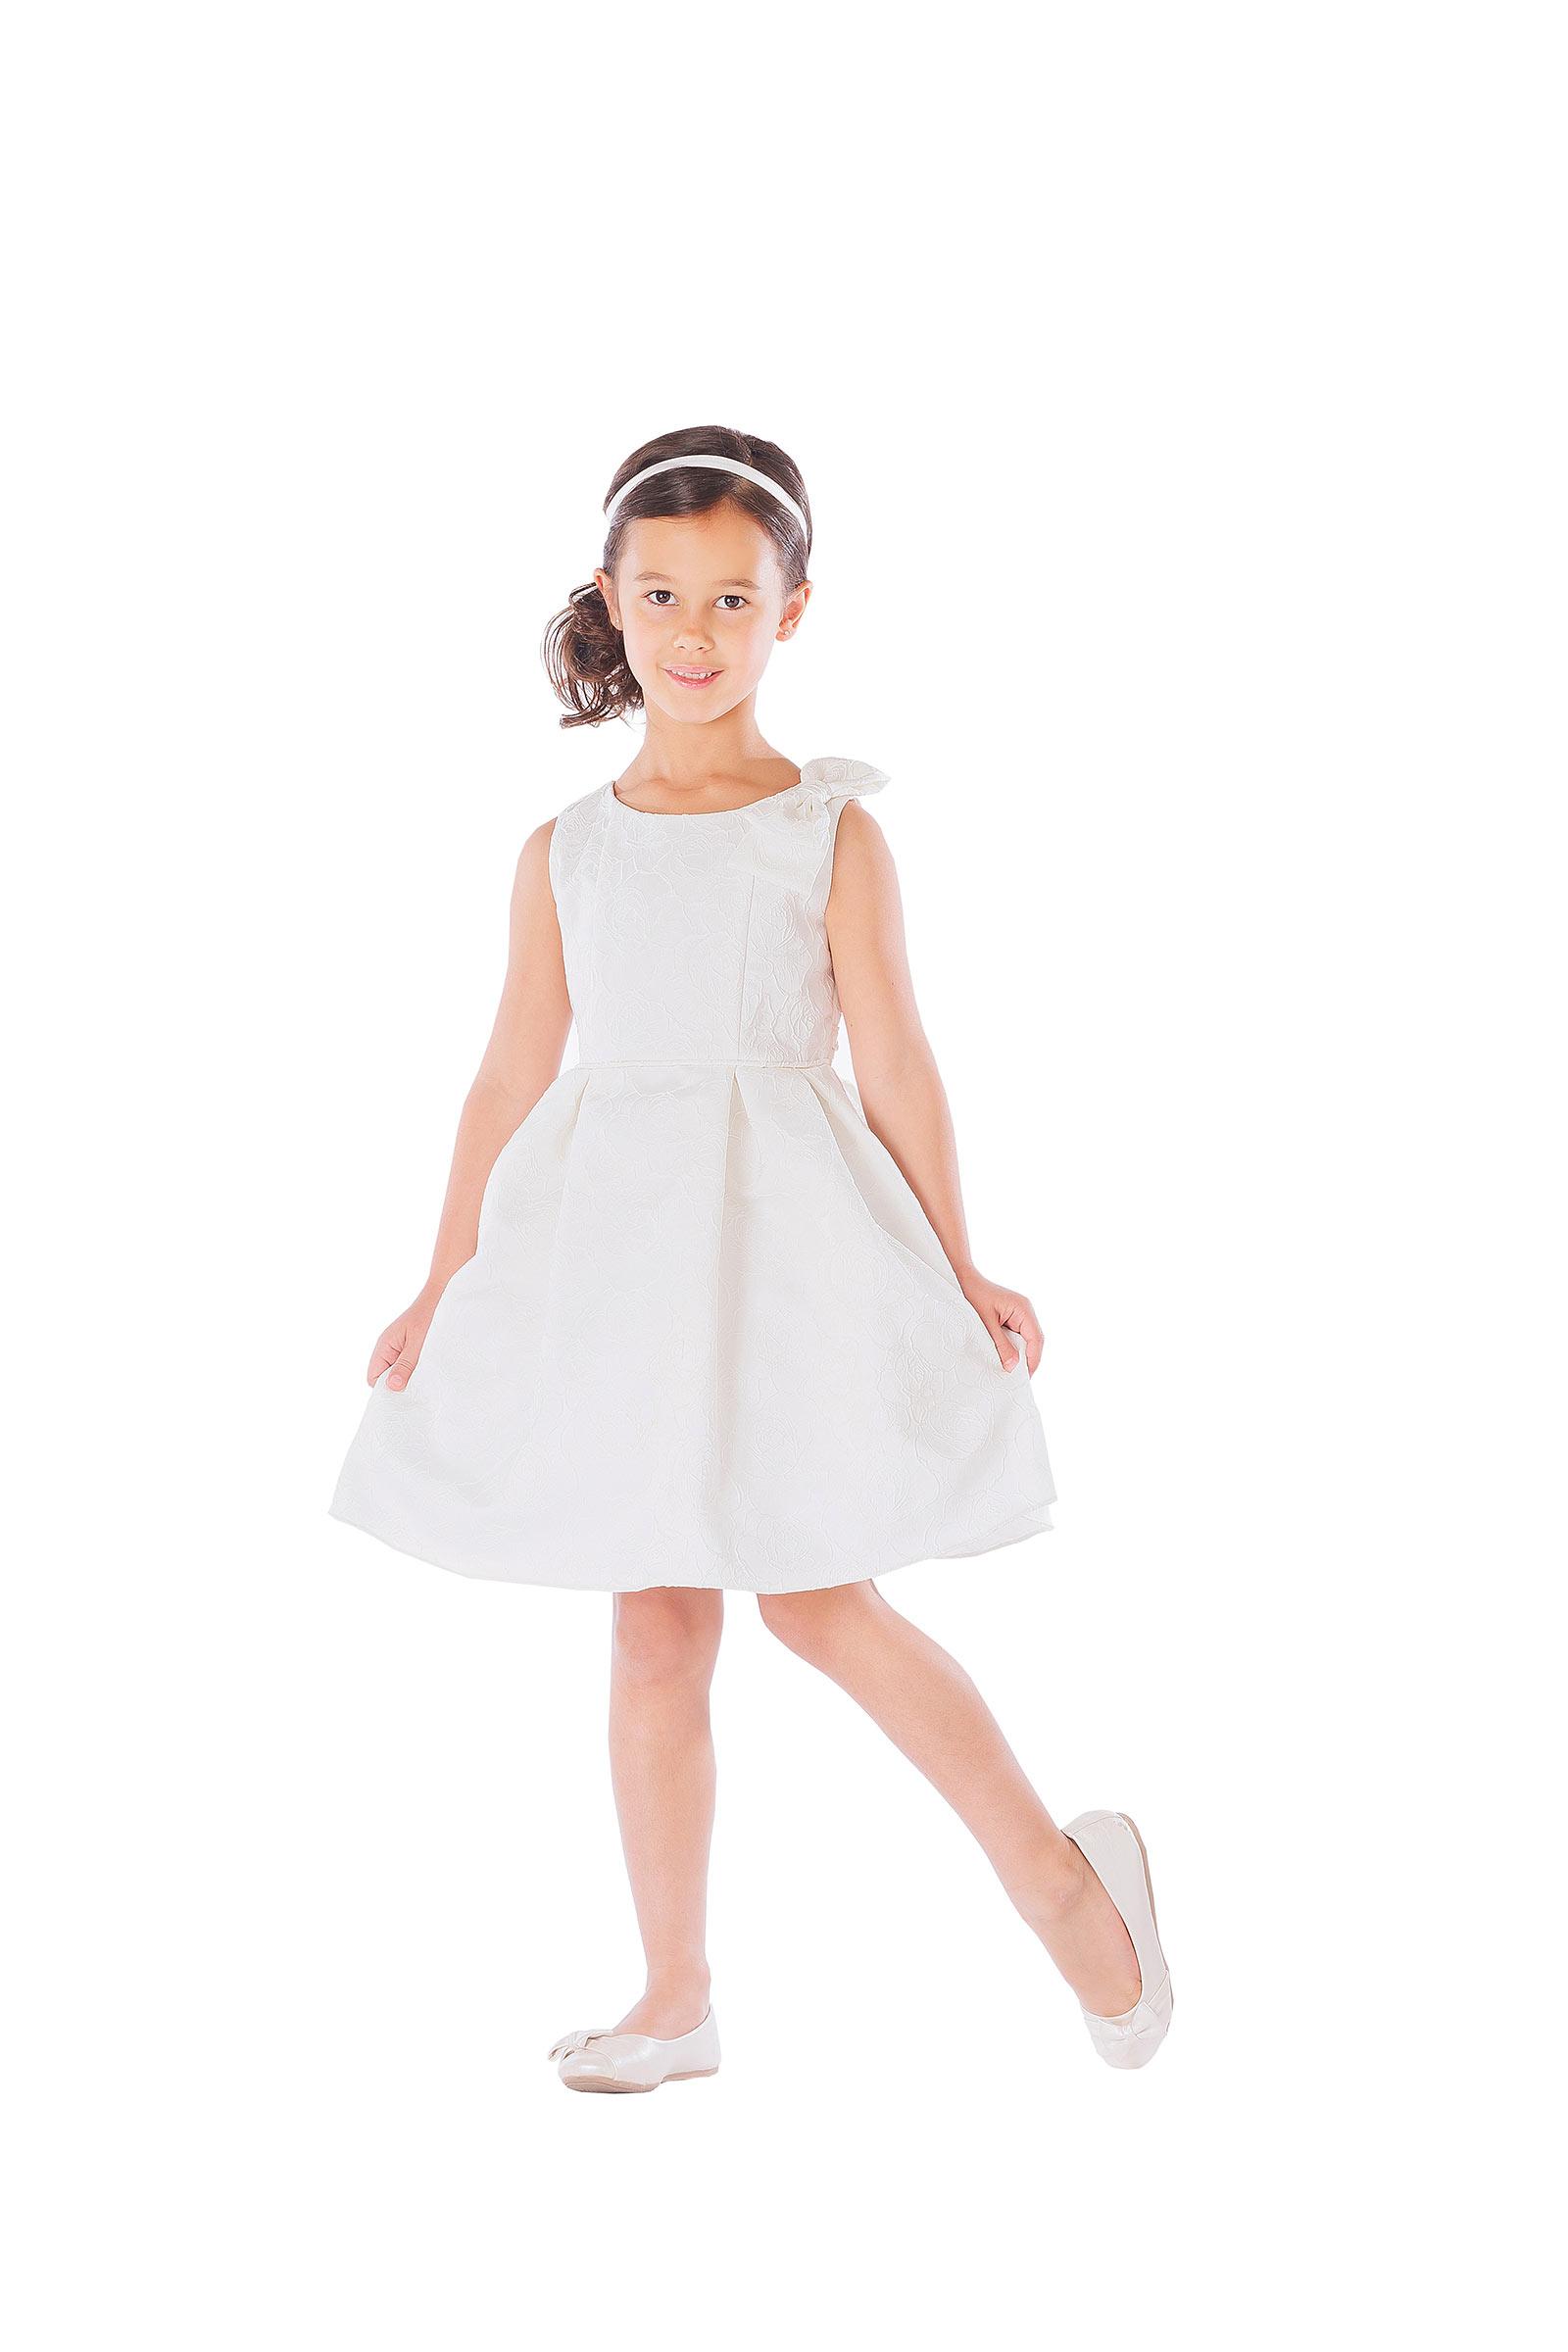 SK 554IV Flower Girl Dress Style 554 Rose Jacquard Dress with Shoulder Bow